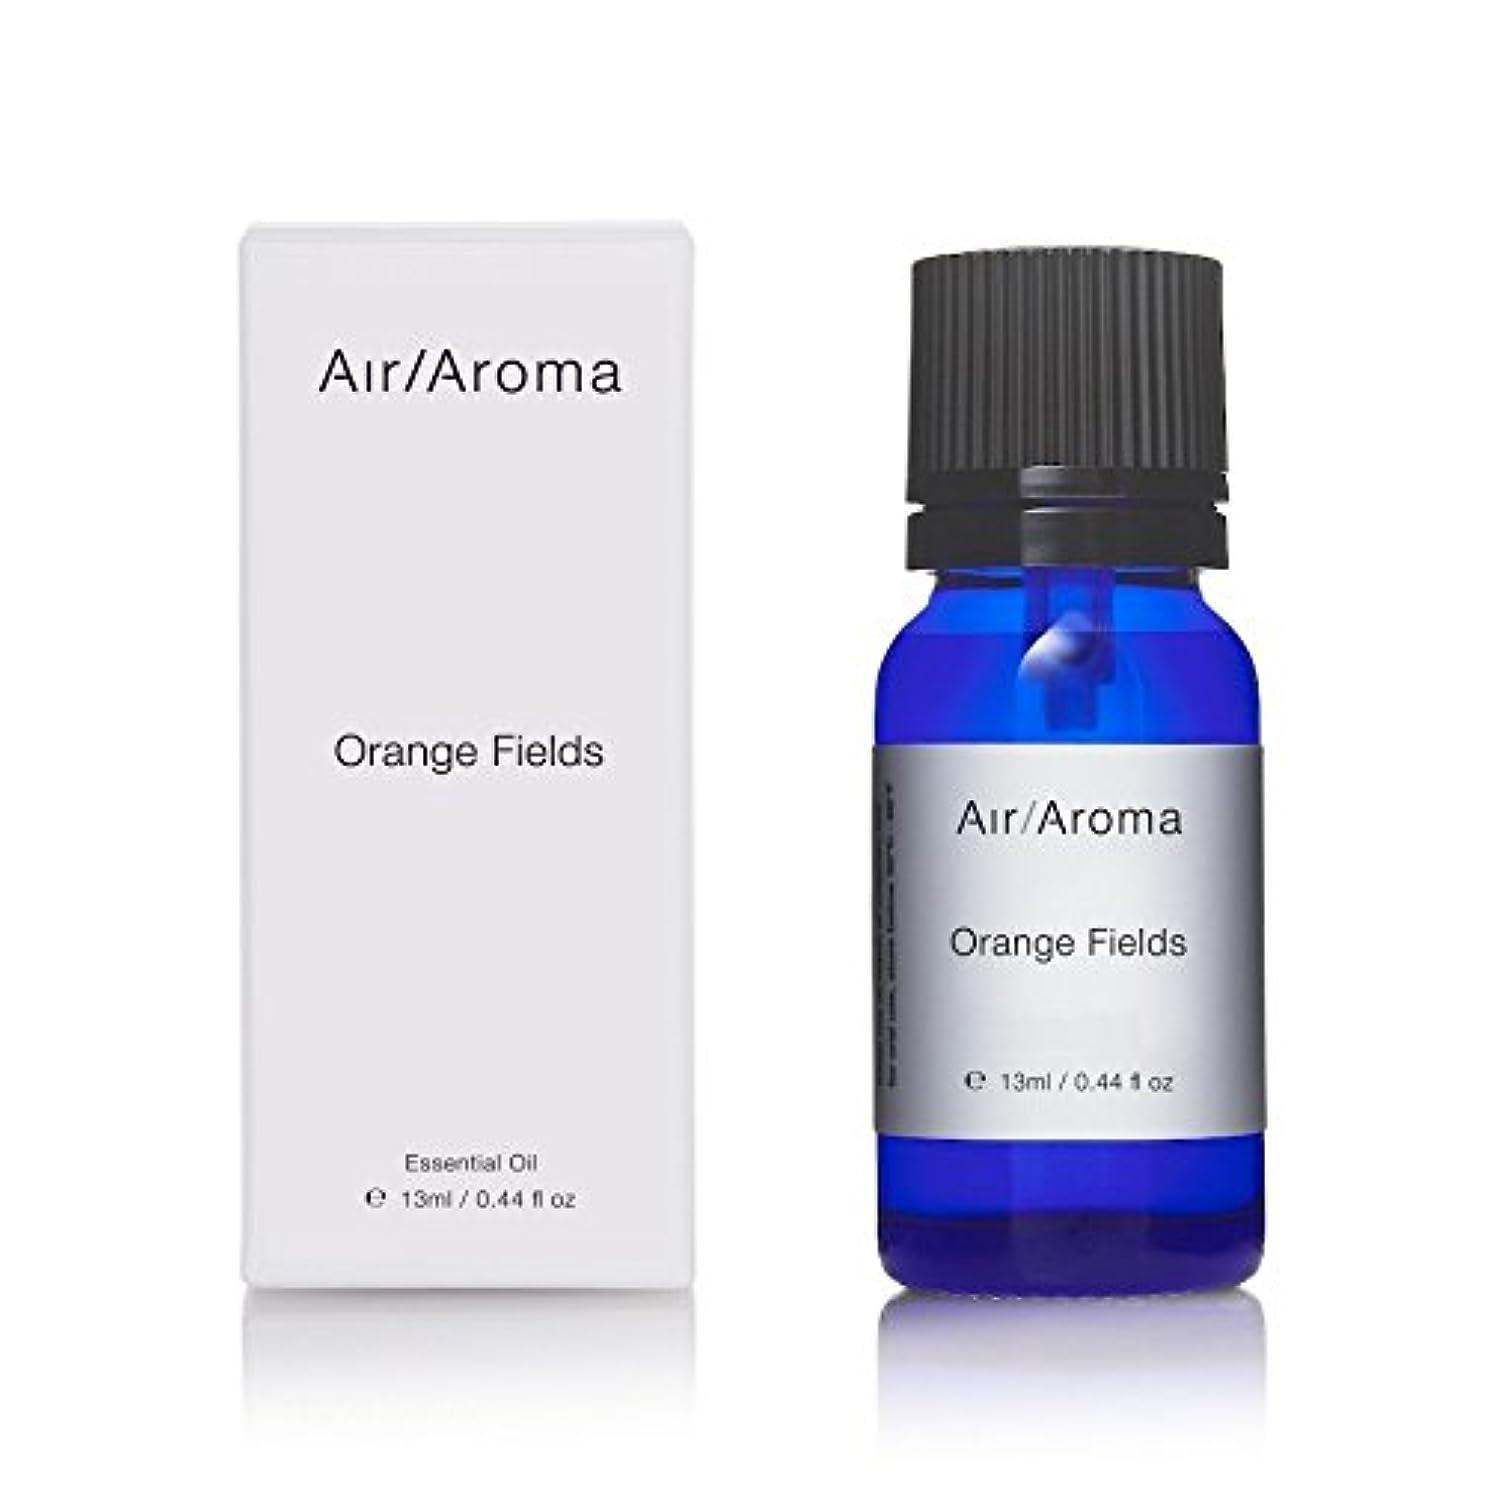 田舎偽善アーサーコナンドイルエアアロマ orange fields (オレンジフィールド) 13ml